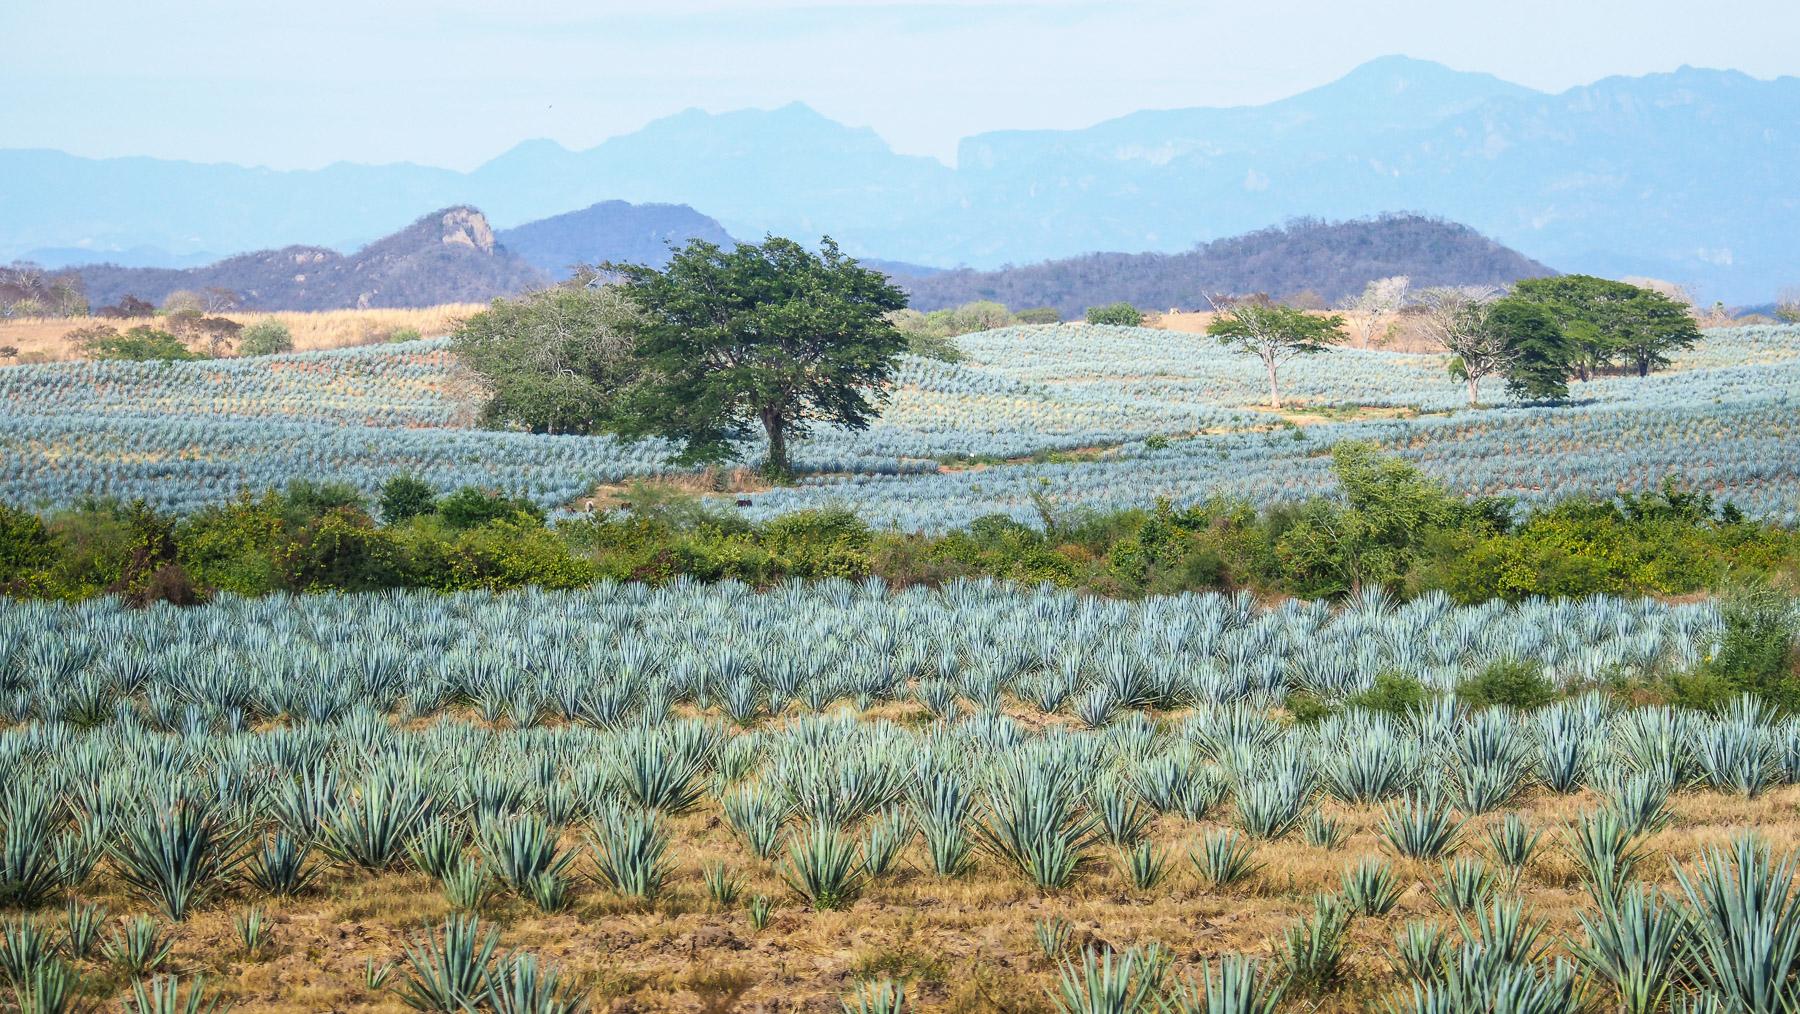 Blaue Agavenfelder für die Herstellung von Tequila